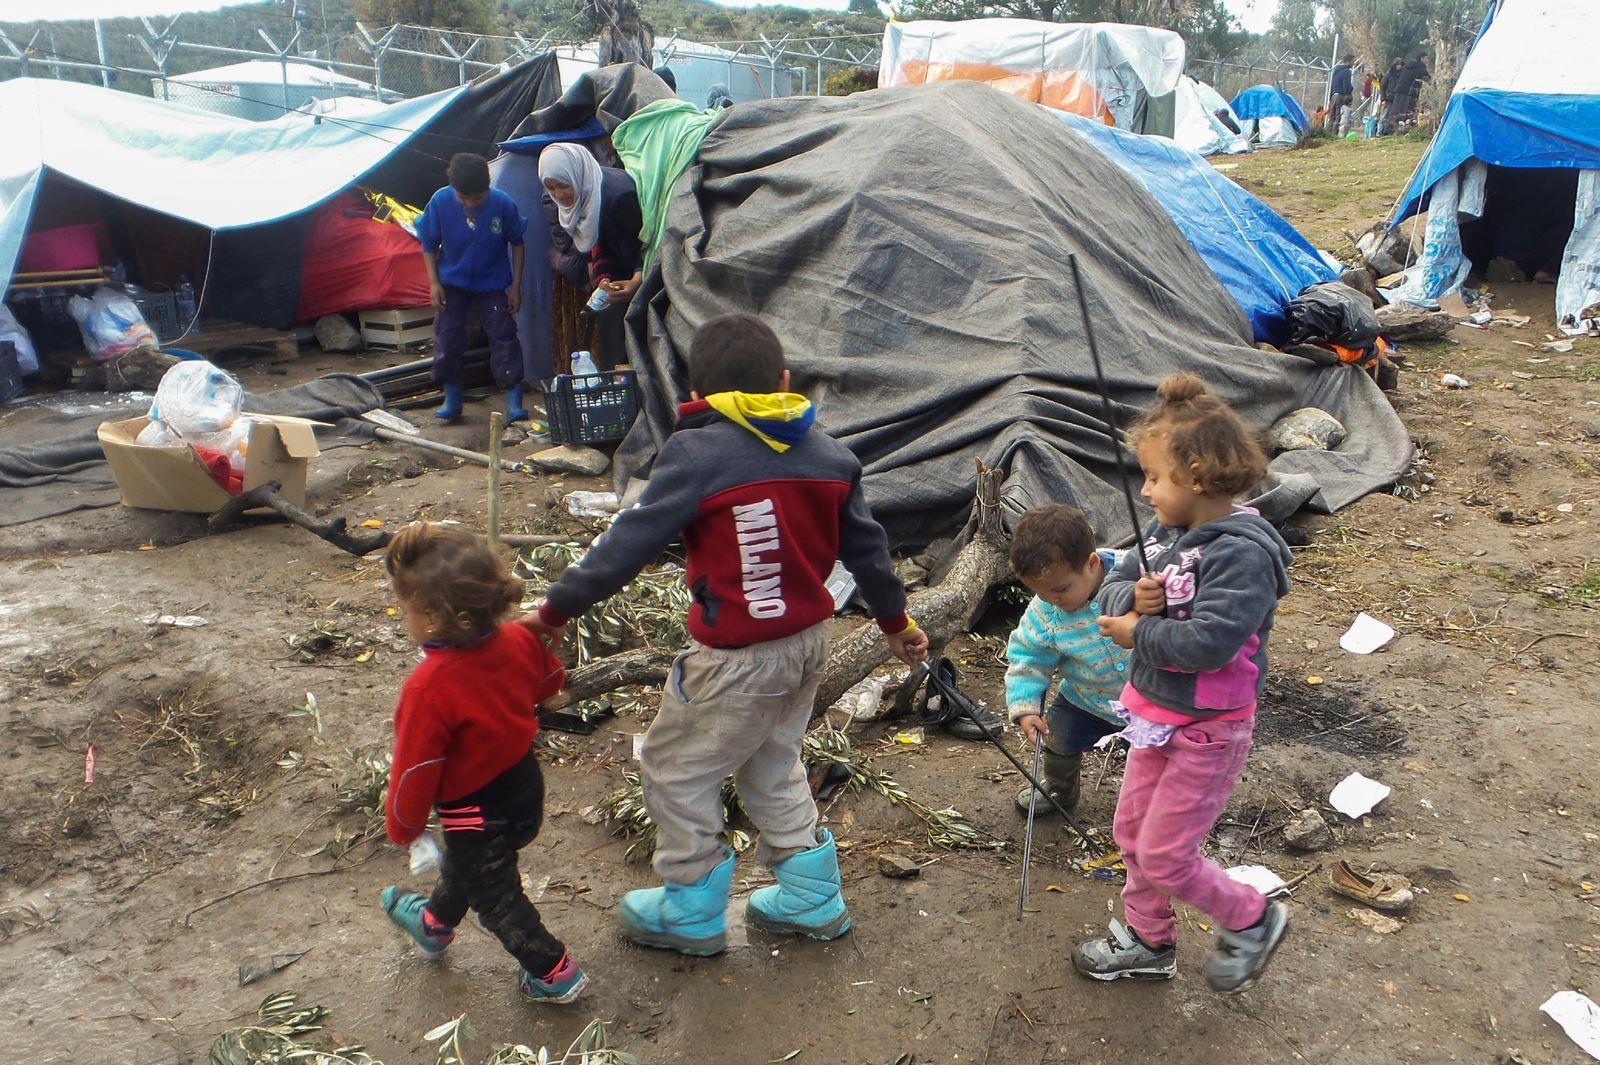 Lesbos/ Moria/ Flüchtlingscamp